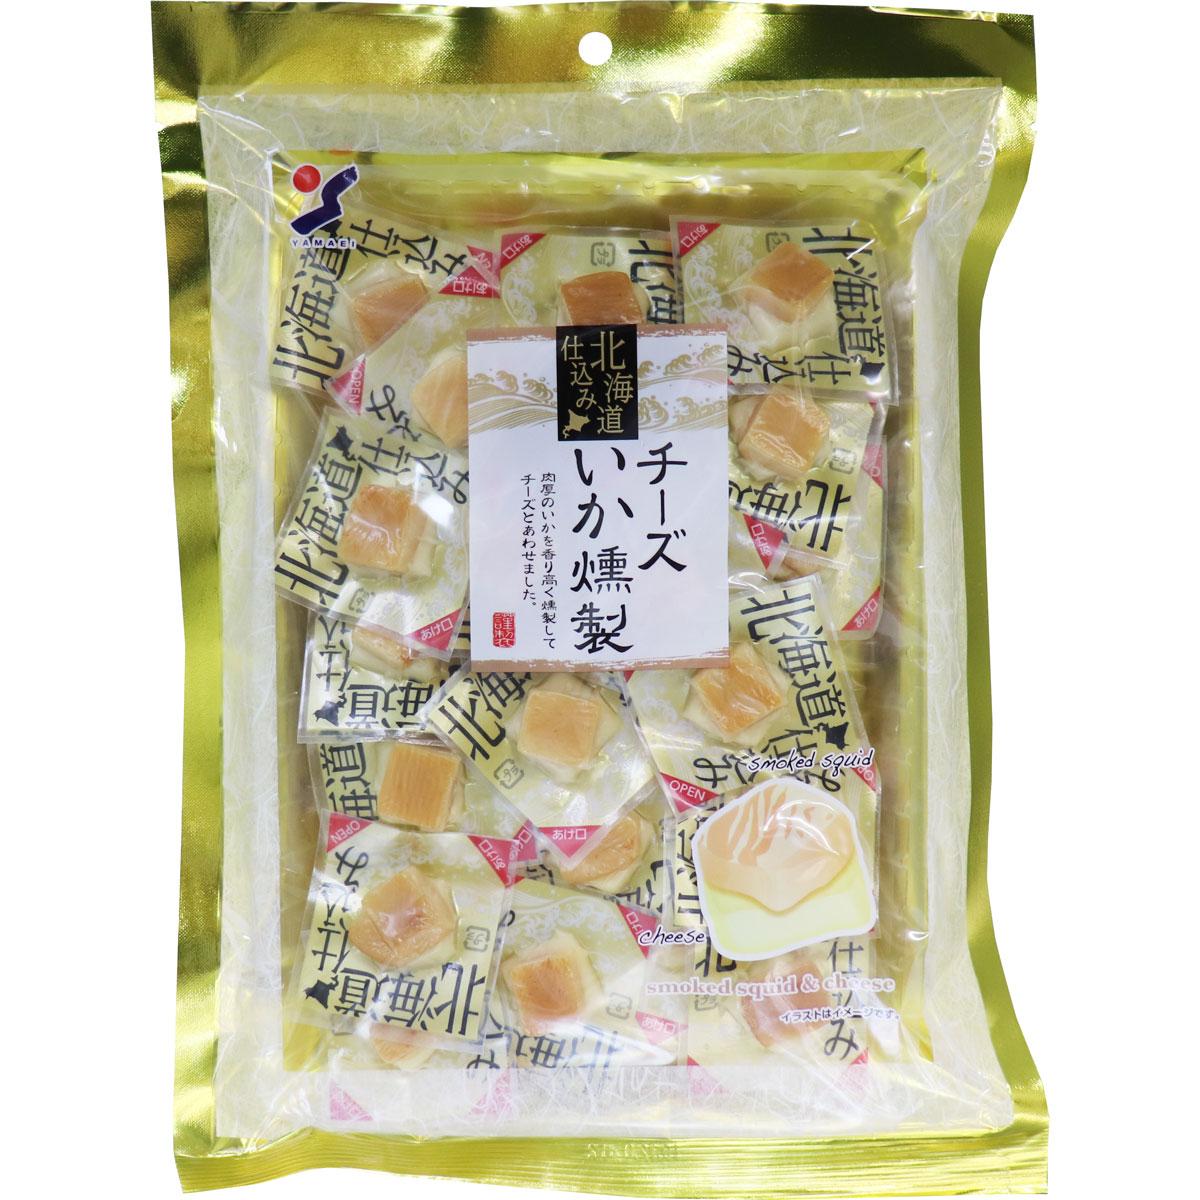 ※【4月25日まで特別割引】北海道仕込み チーズいか燻製 120g